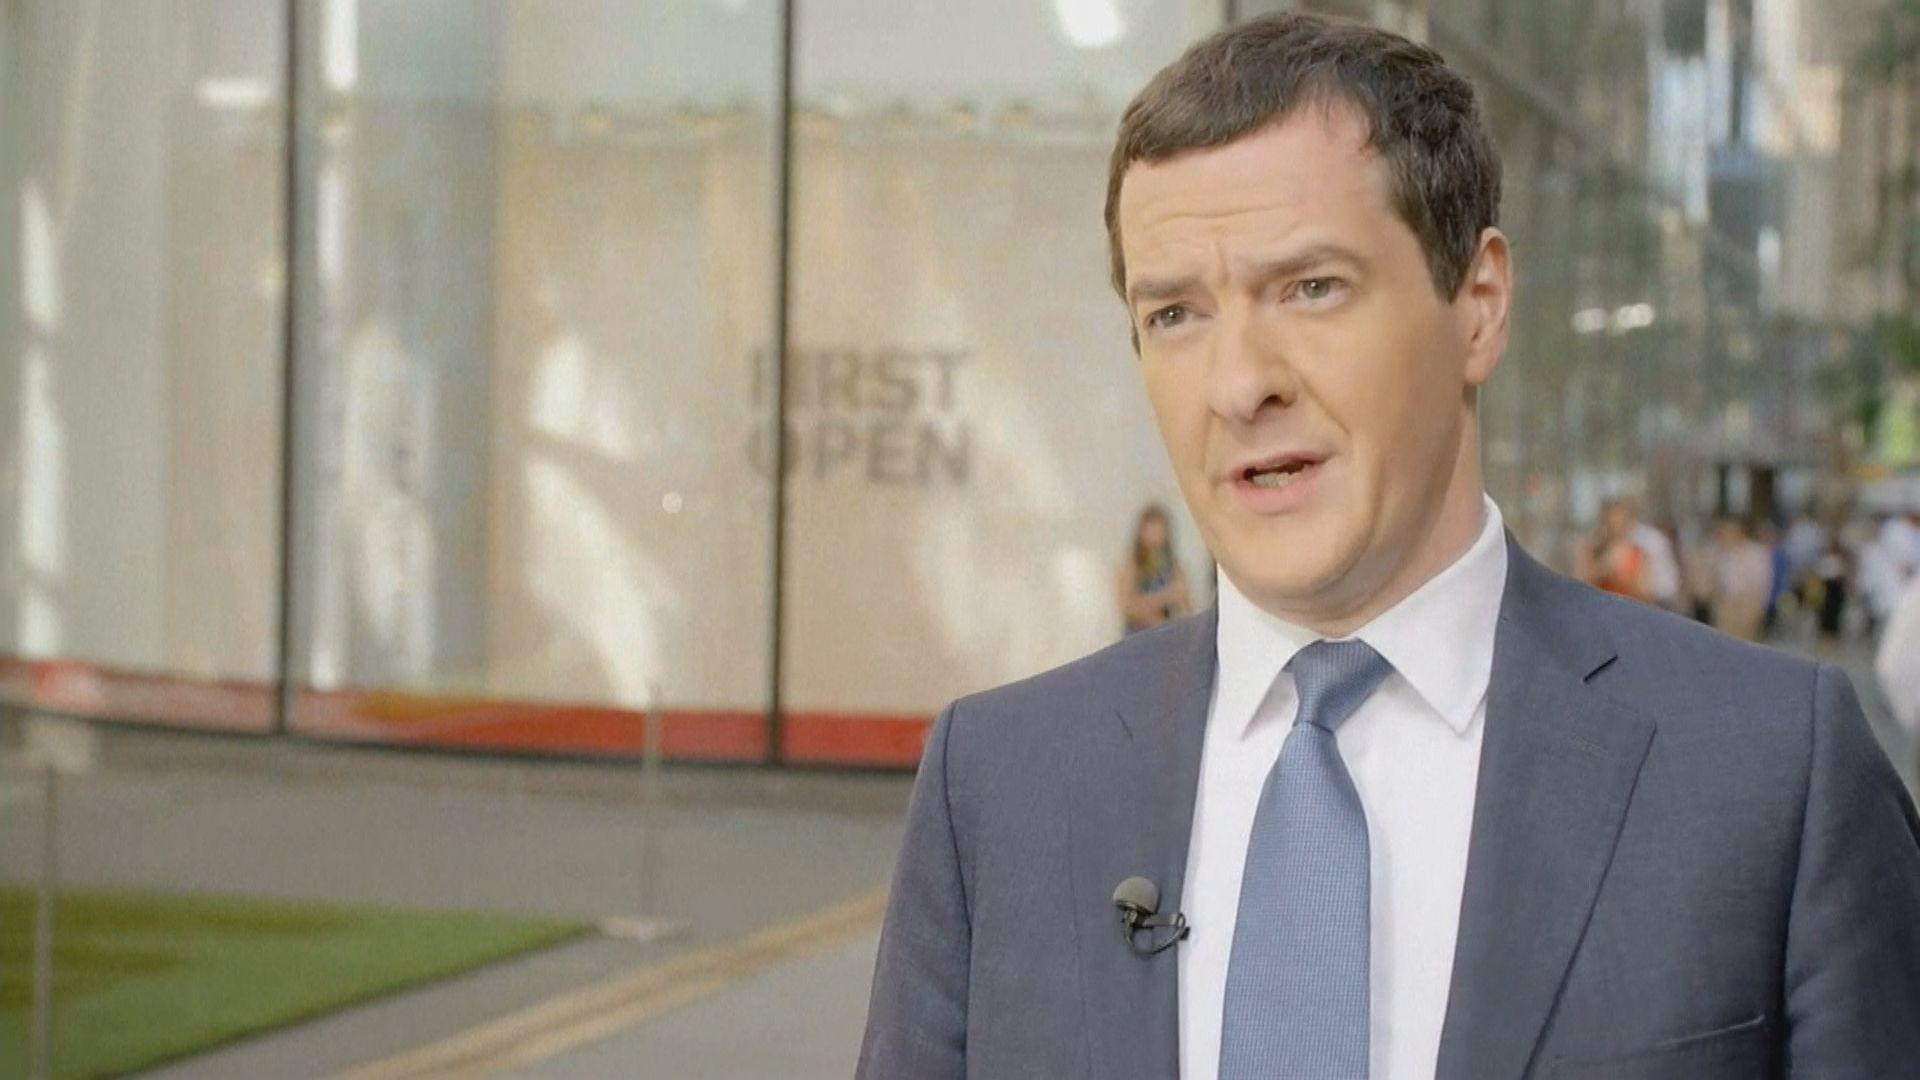 【IMF總裁爭奪戰】據報英國前財長歐思邦有意競逐